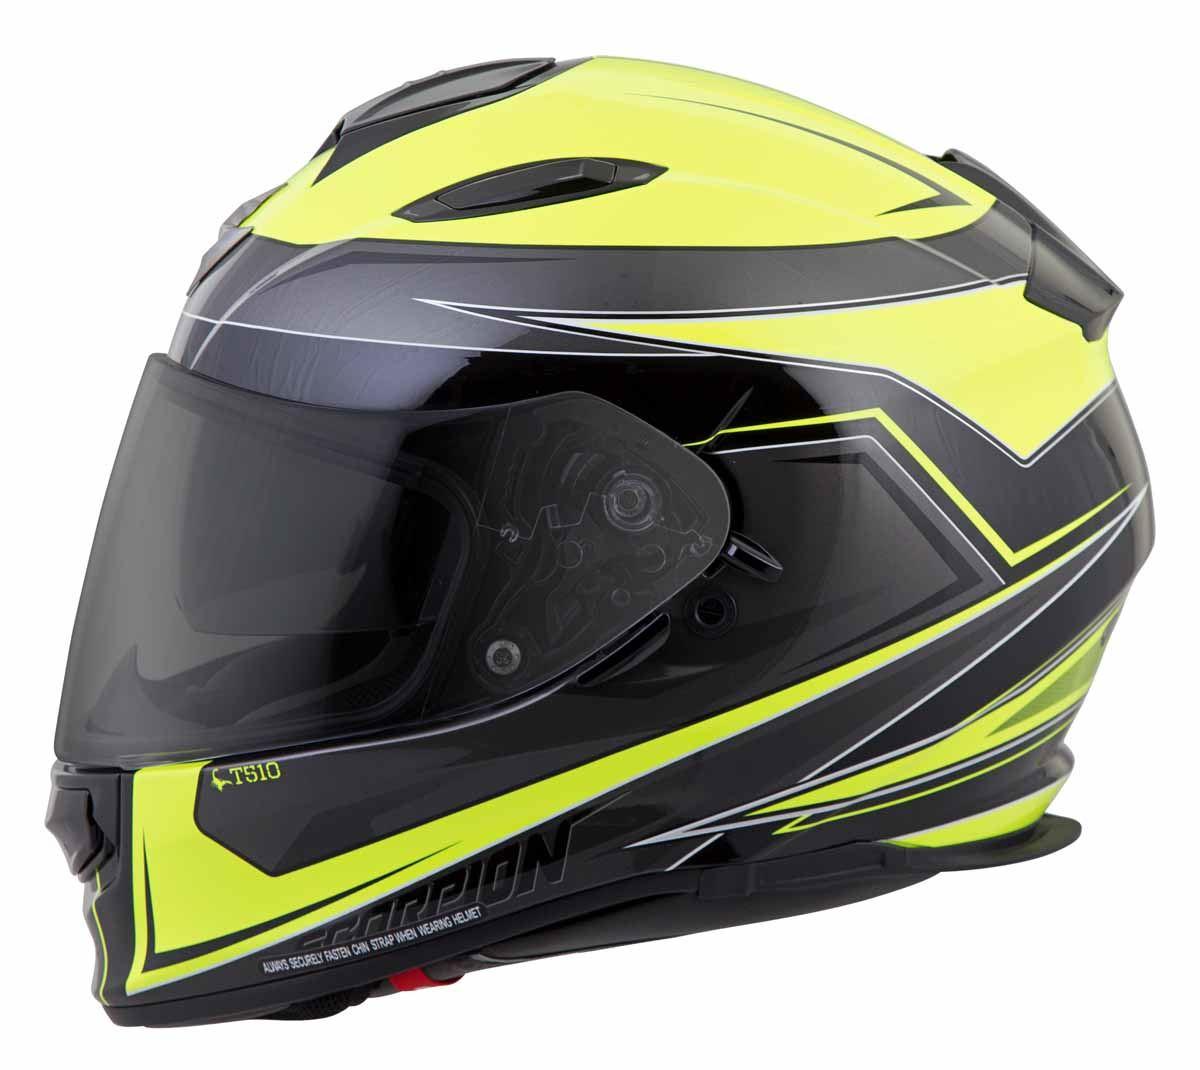 Scorpion-EXO-T510-Helmet-Full-Face-DOT-Approved-Inner-Sun-Shield miniature 38